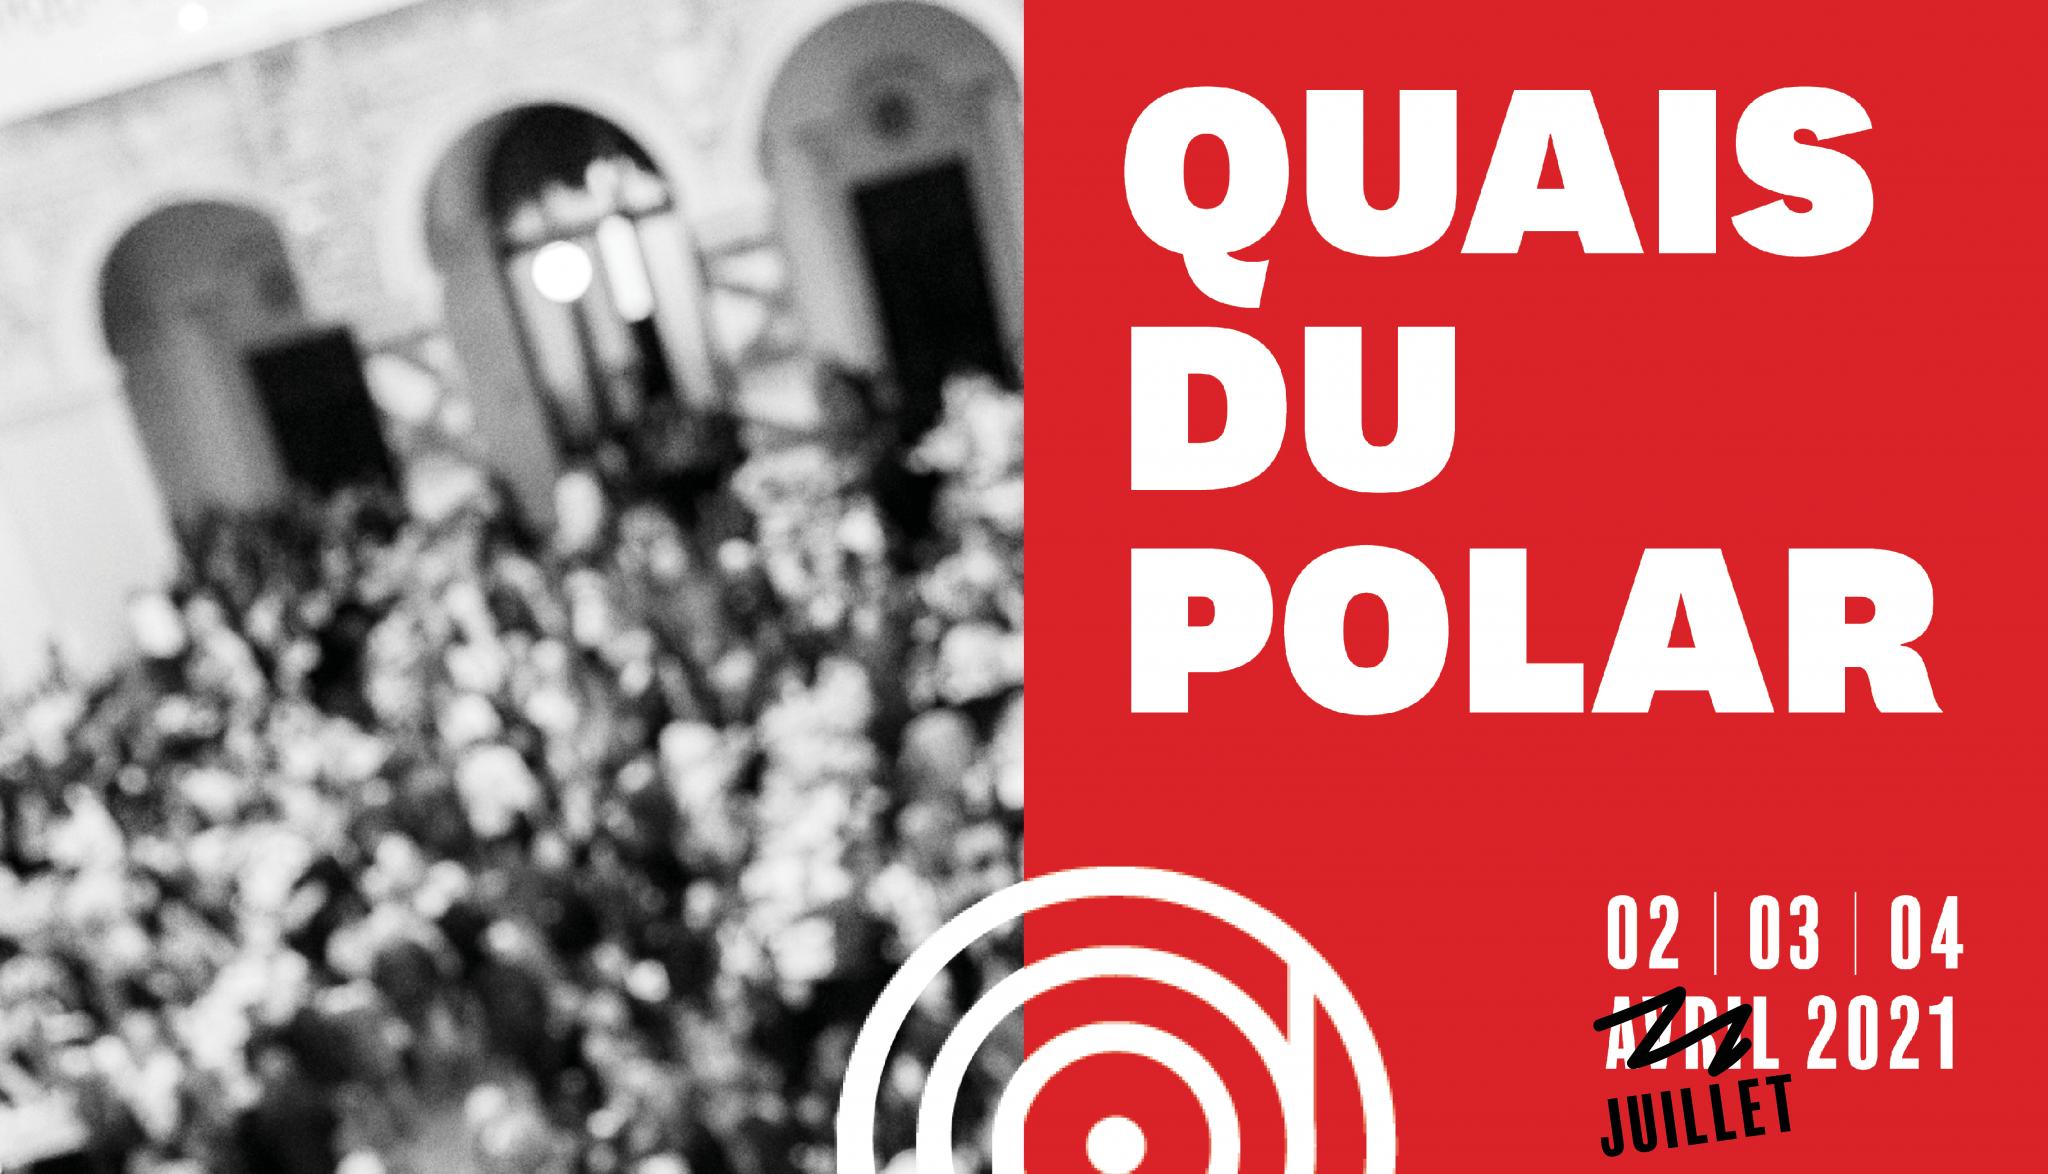 Quais du polar 2021, Manifestation culturelle et festive dédiée au genre Polar